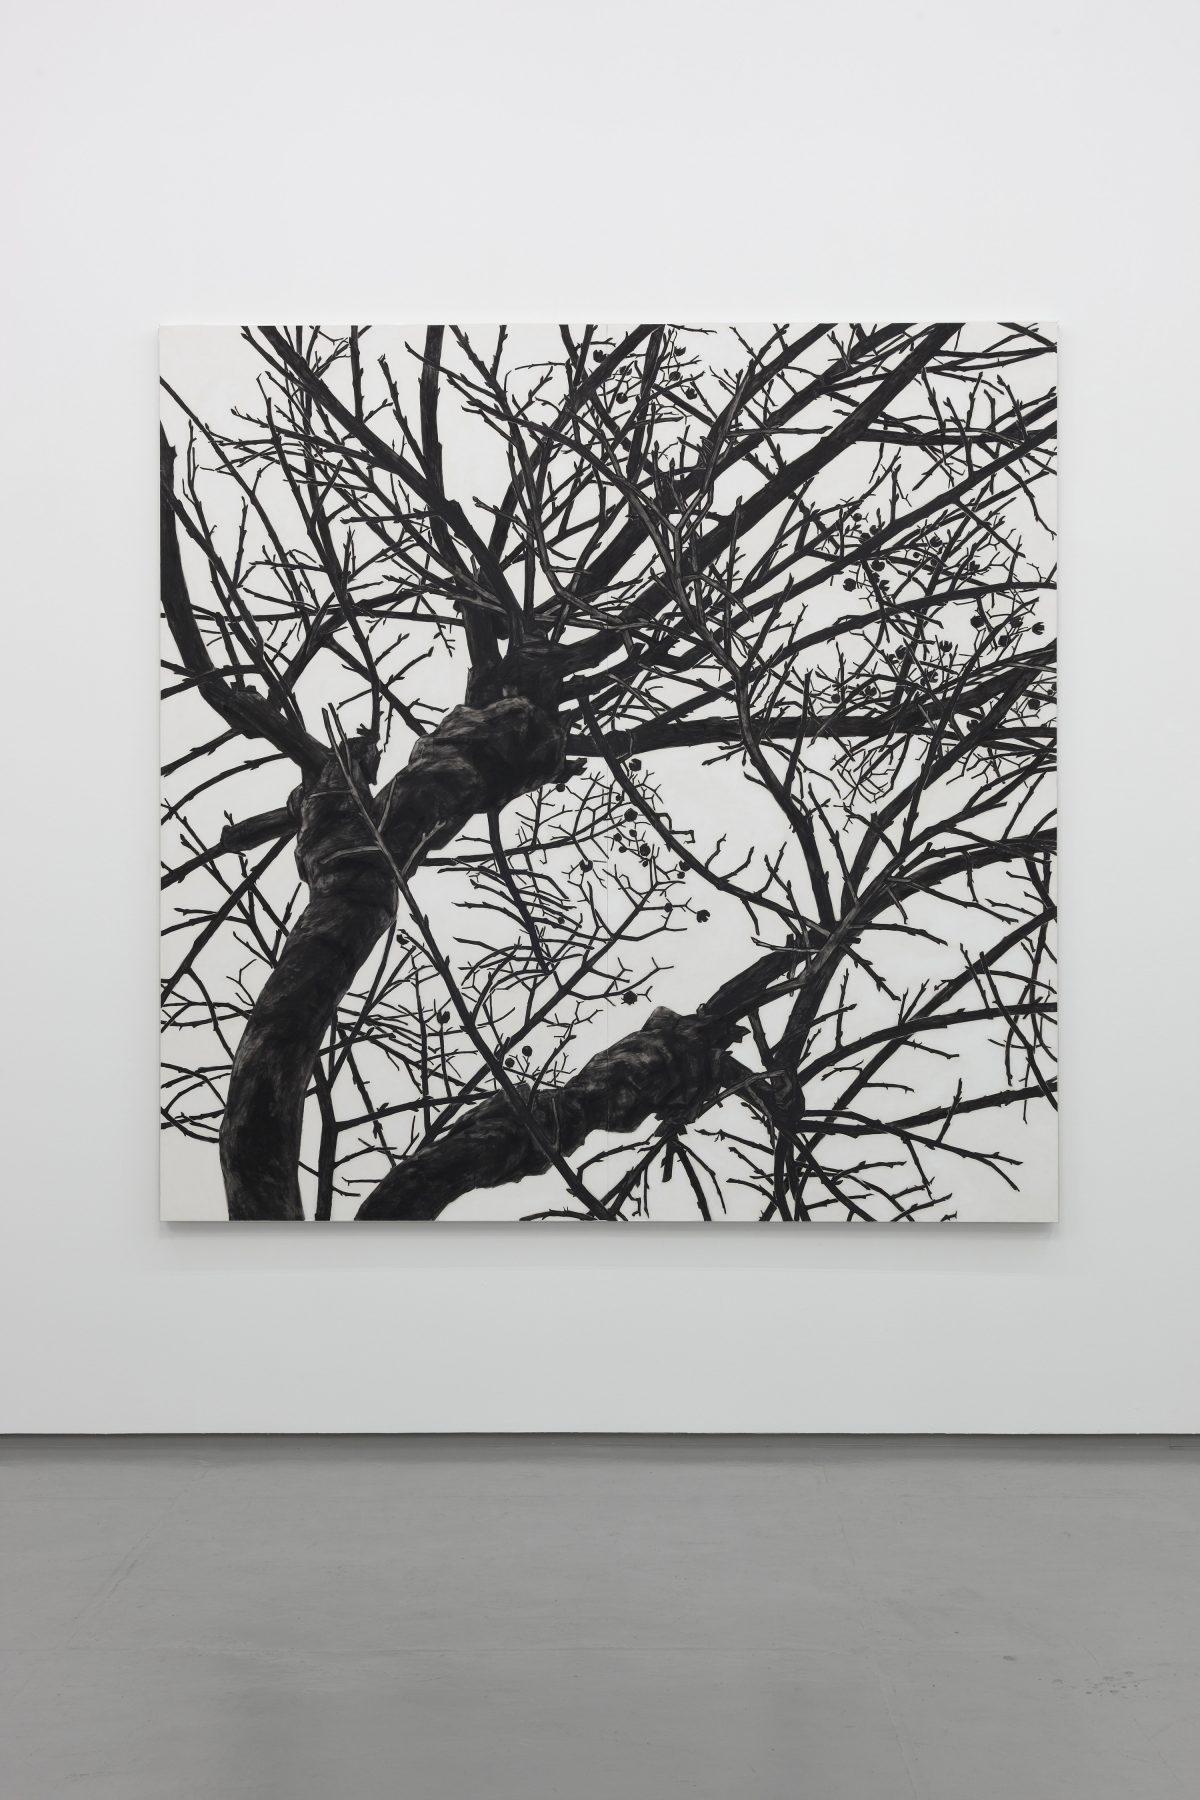 「空との距離Ⅺ」2013年 / 240×240cm / 麻紙、岩絵具 / 撮影:渡邉郁弘